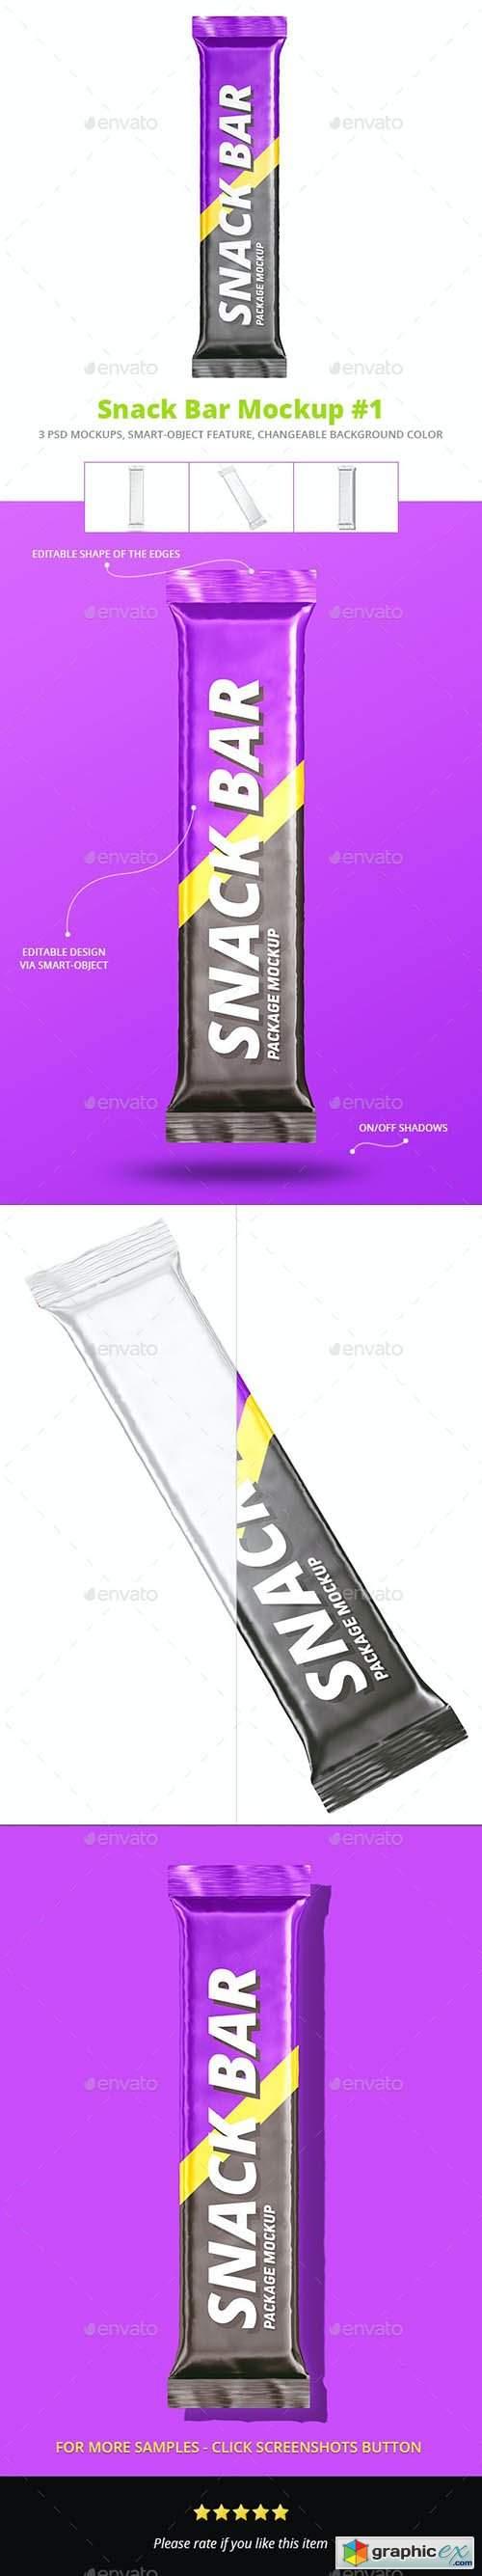 Snack Bar Package Mockup Set 1